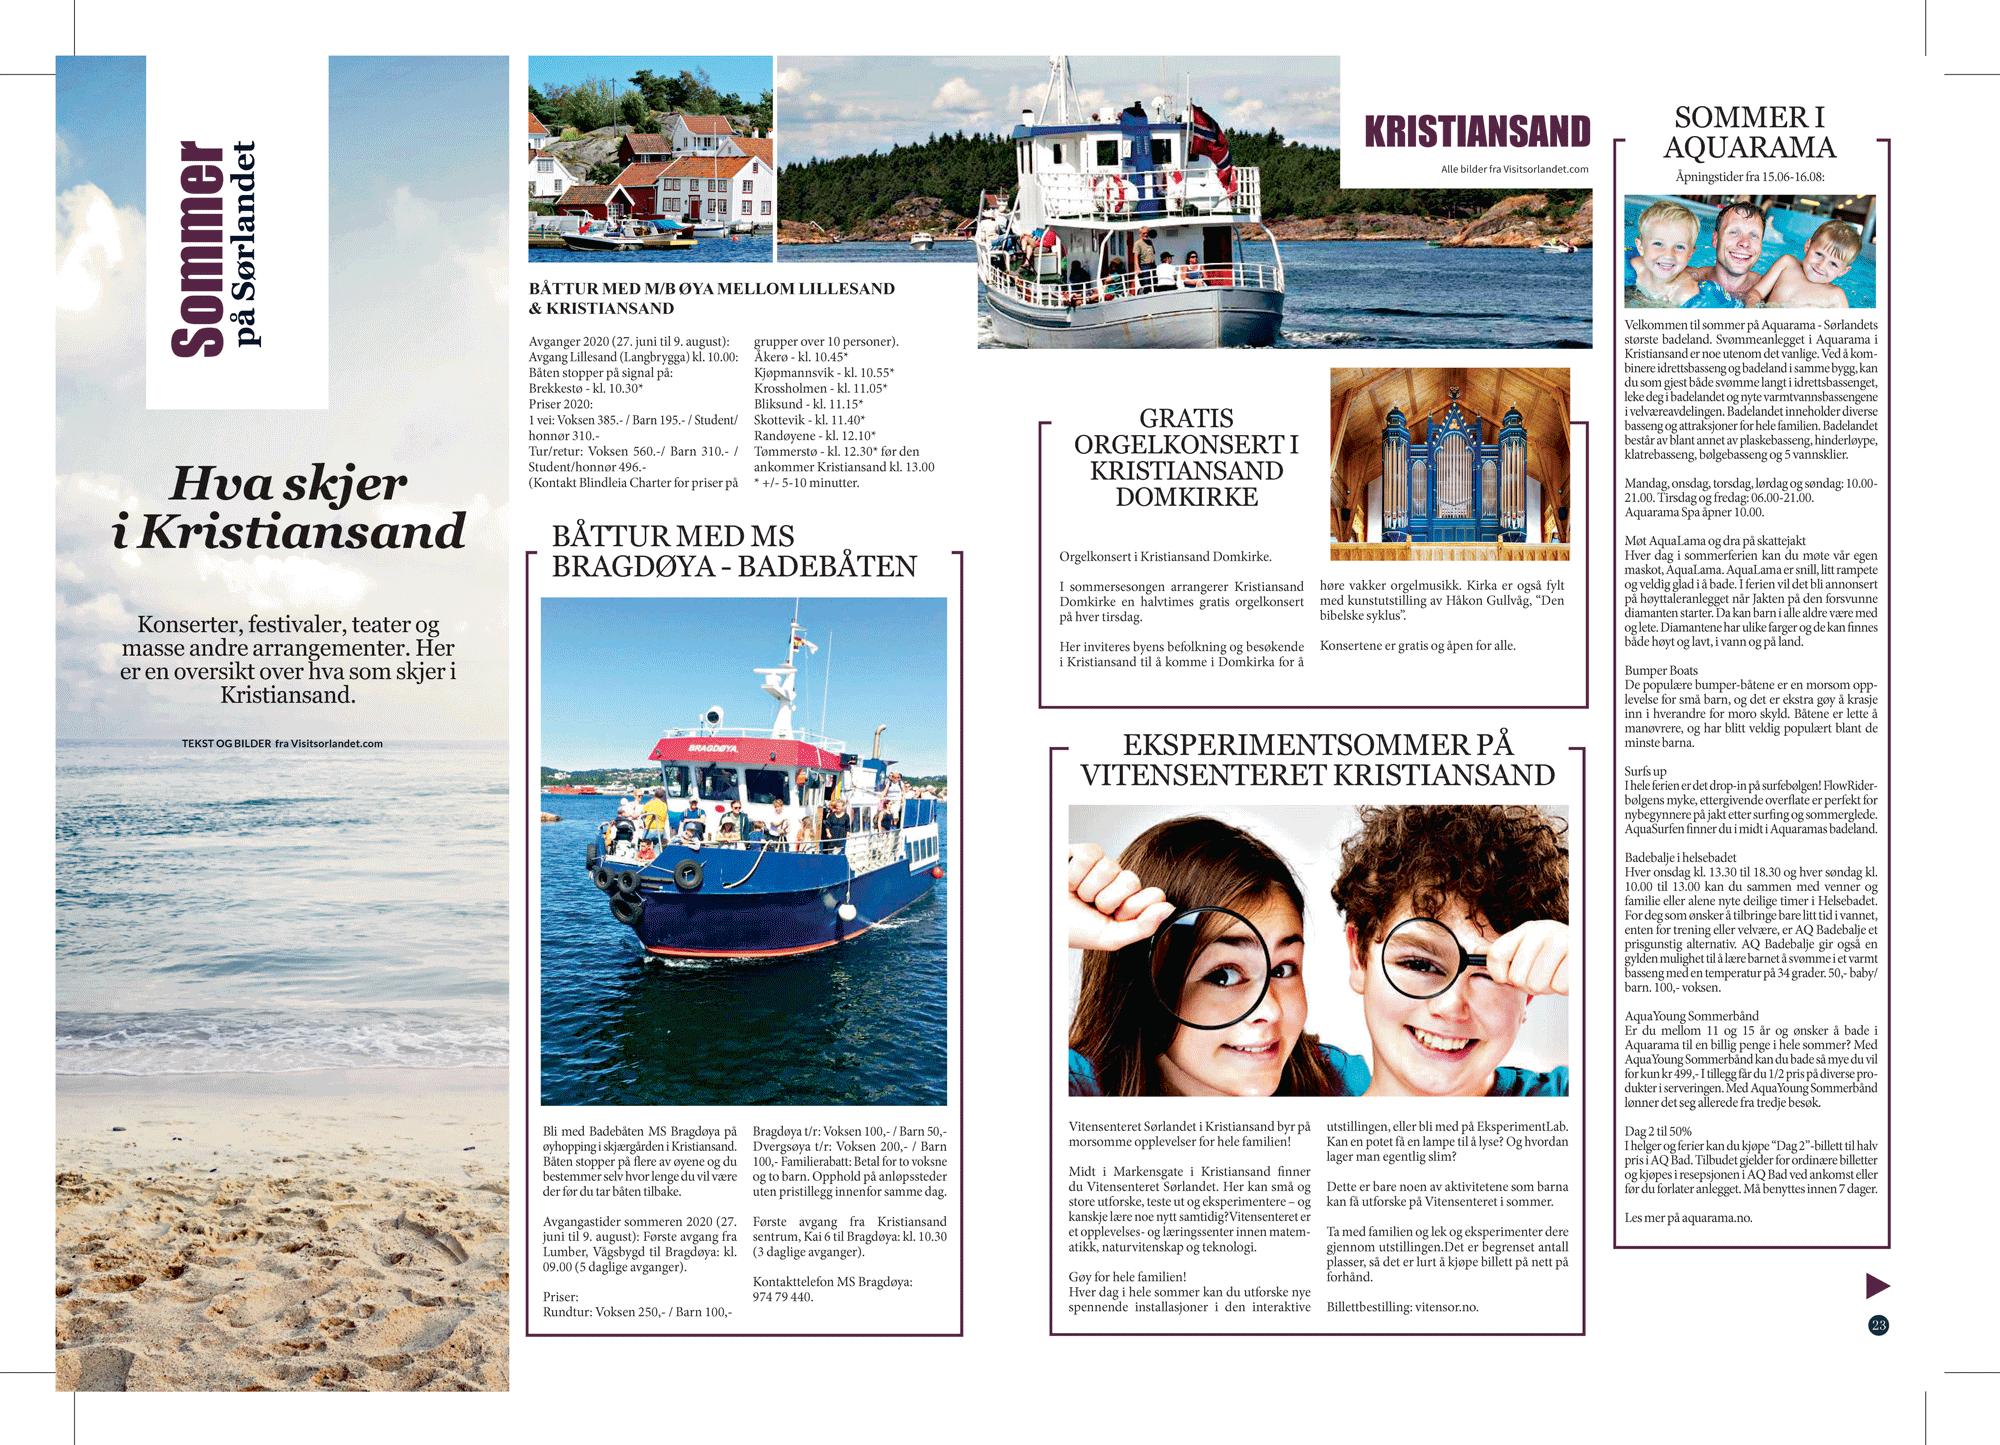 Konserter, Festivaler, Teater Og Masse Andre Arrangementer. Her Er En Oversikt Over Hva Som Skjer I Kristiansand.